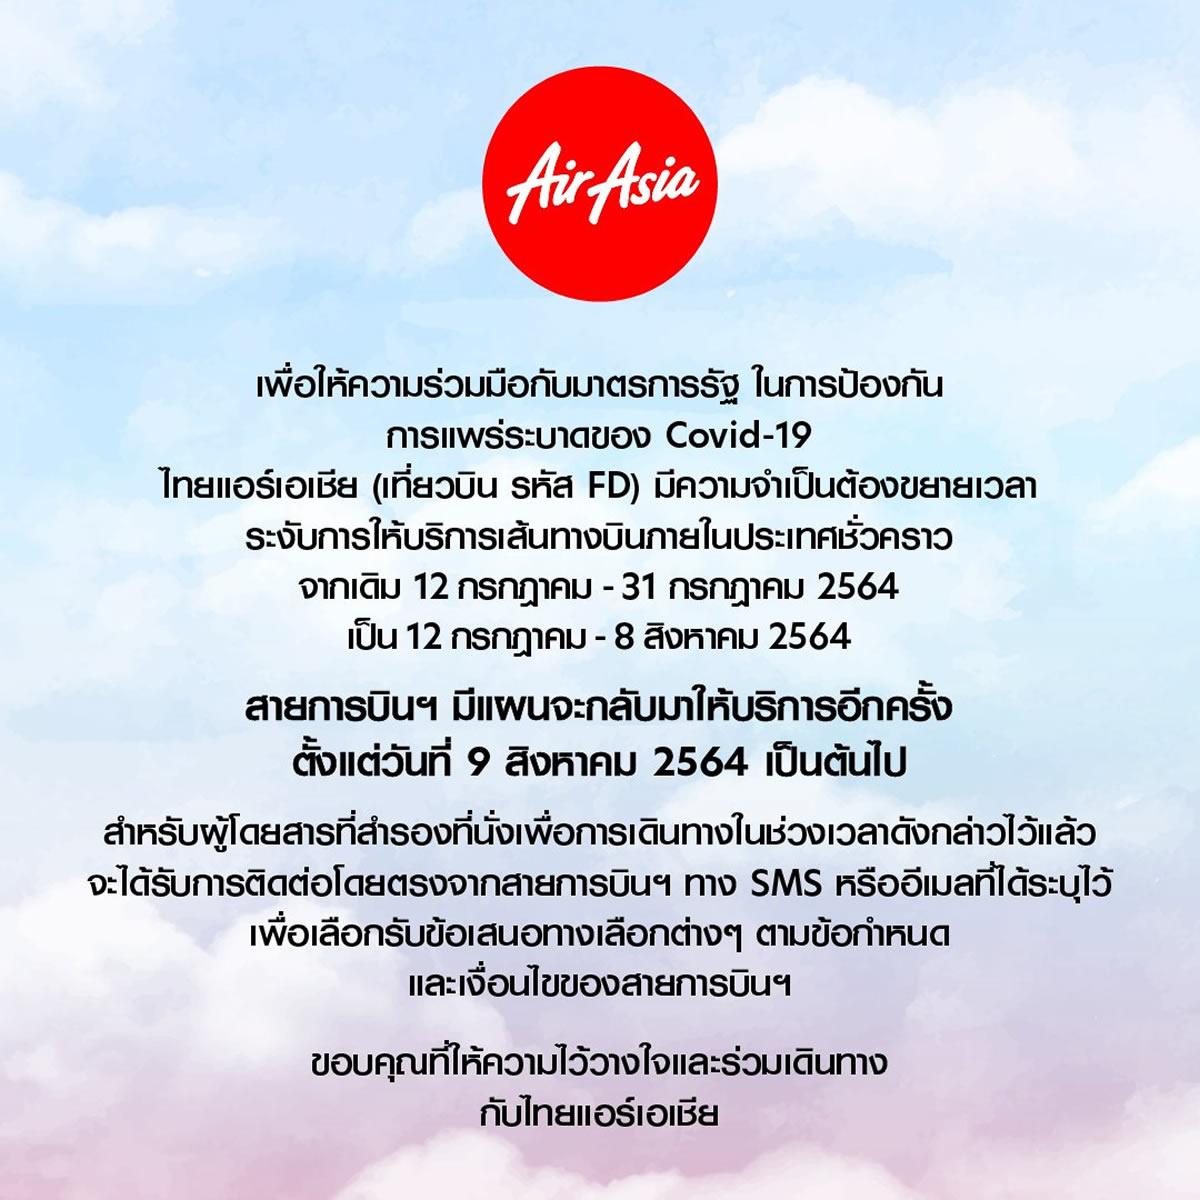 タイ・エアアジア、国内線の運航休止を2021年8月8日まで延長